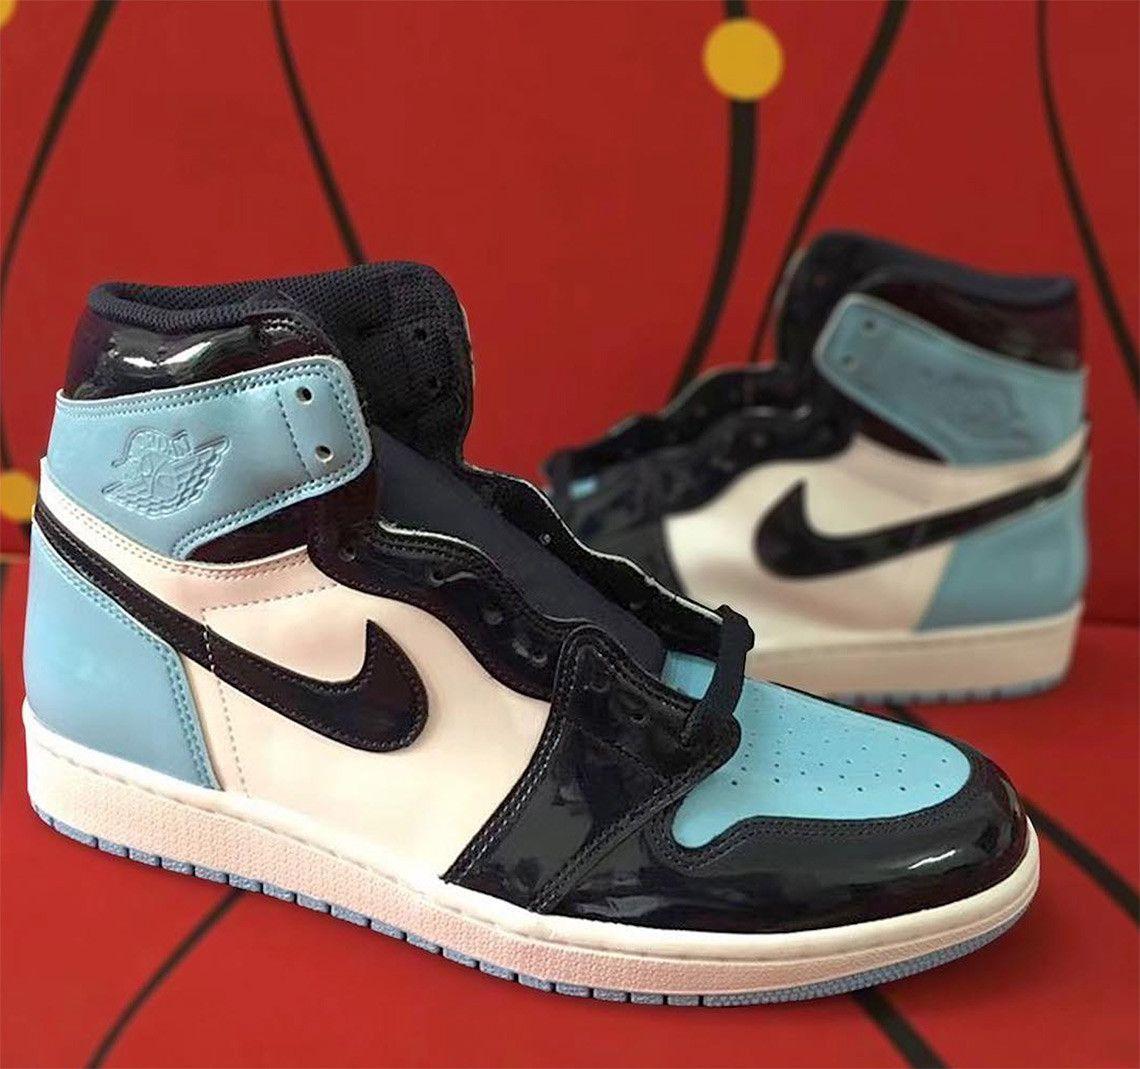 timeless design a2828 81dd1 Sneaker News on Twitter: